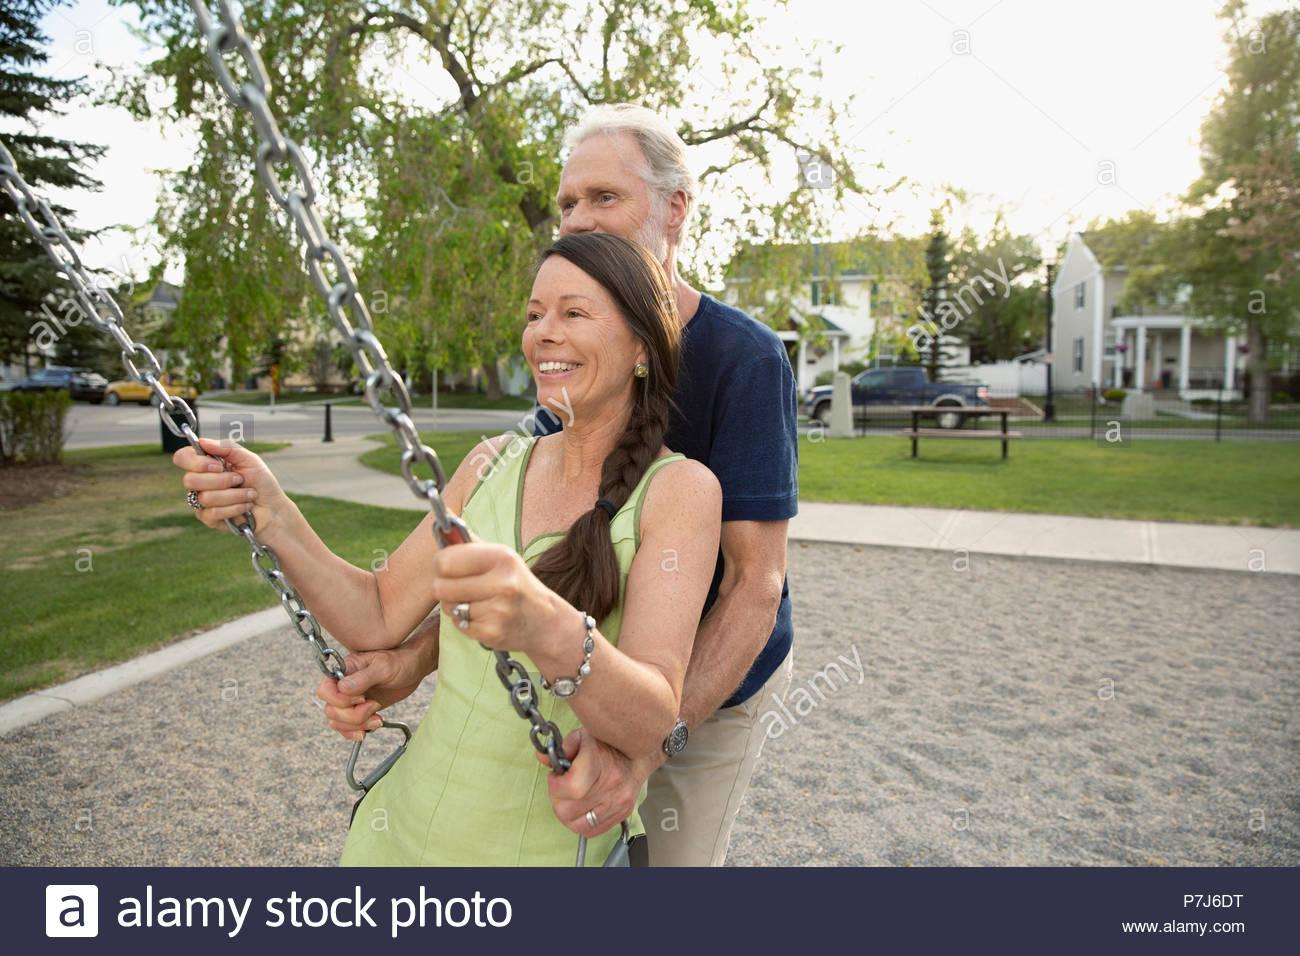 Mari Femme senior ludique poussant sur swing au jeu pour enfants Photo Stock